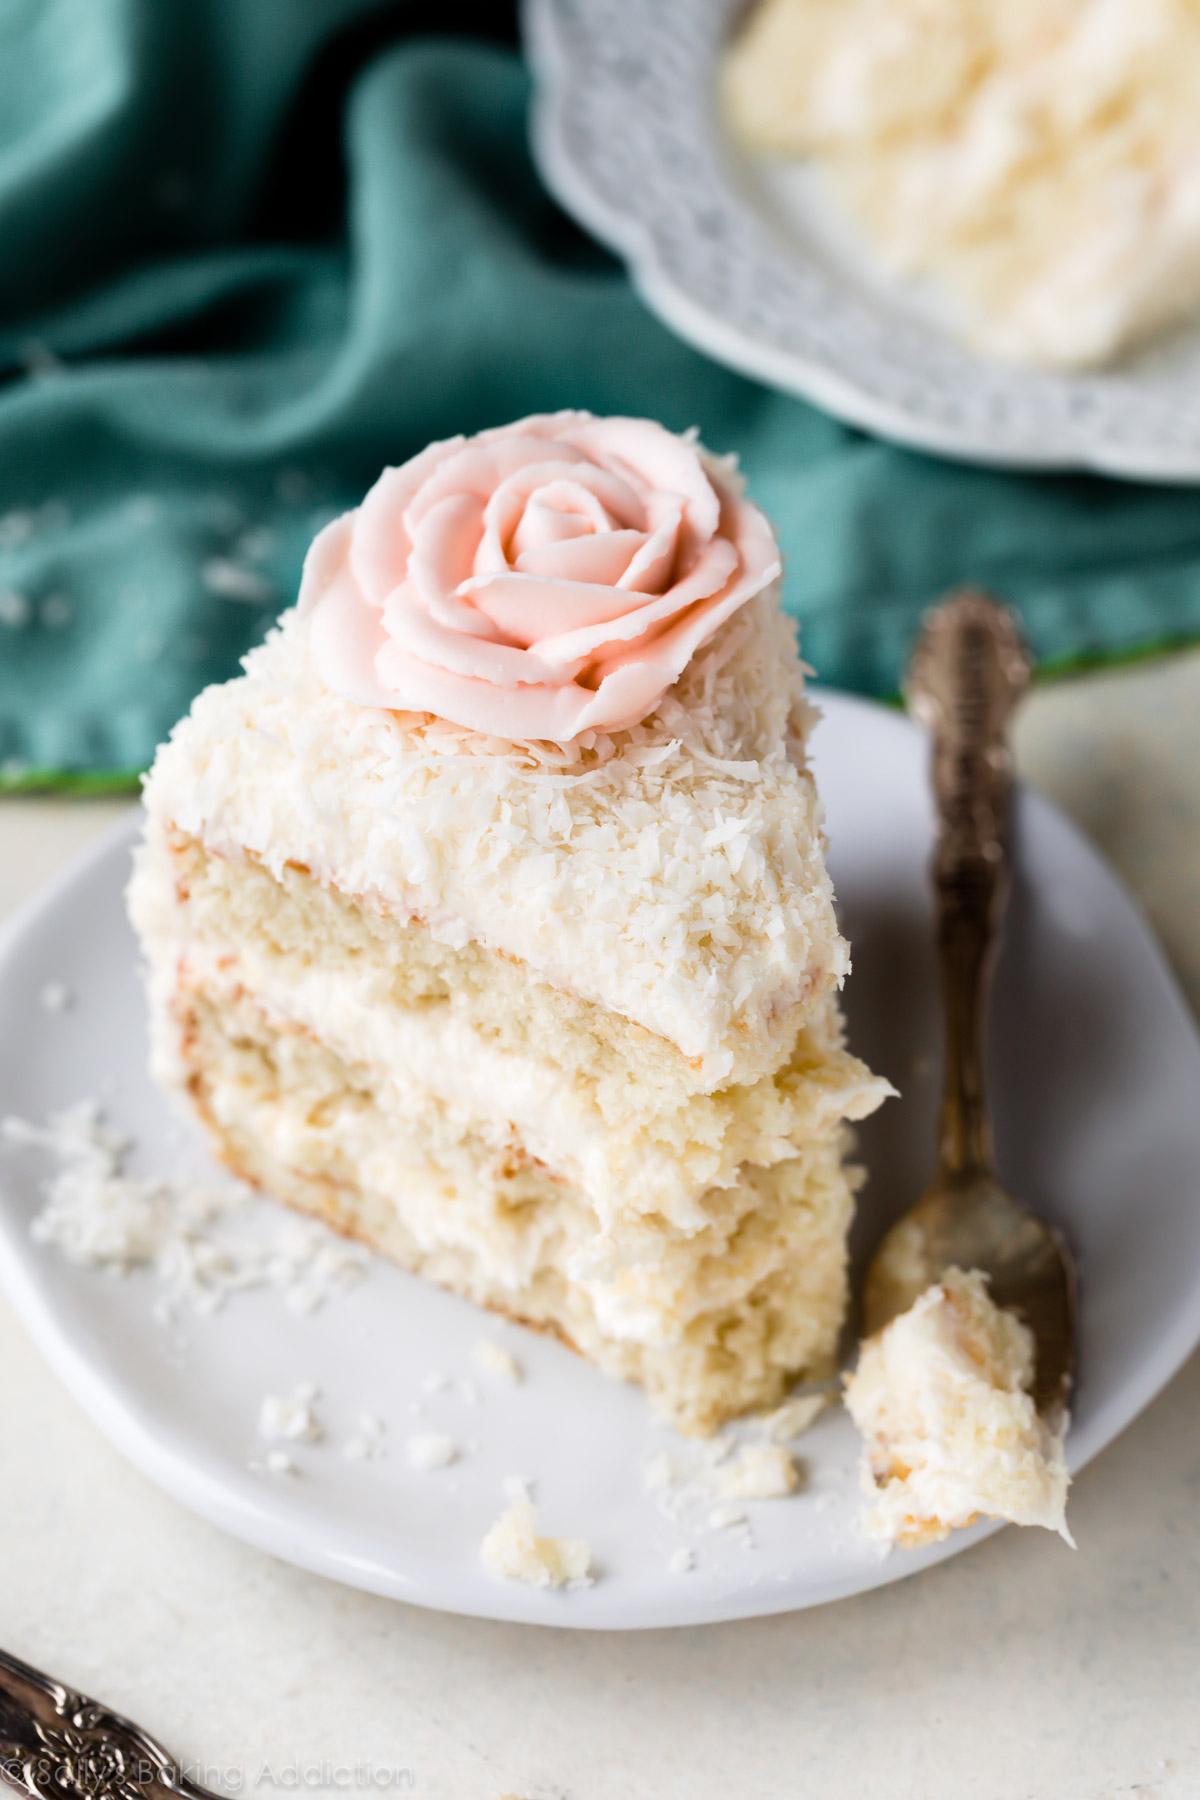 بهترین پودر نارگیل برای تزیین کیک (coconut powder)